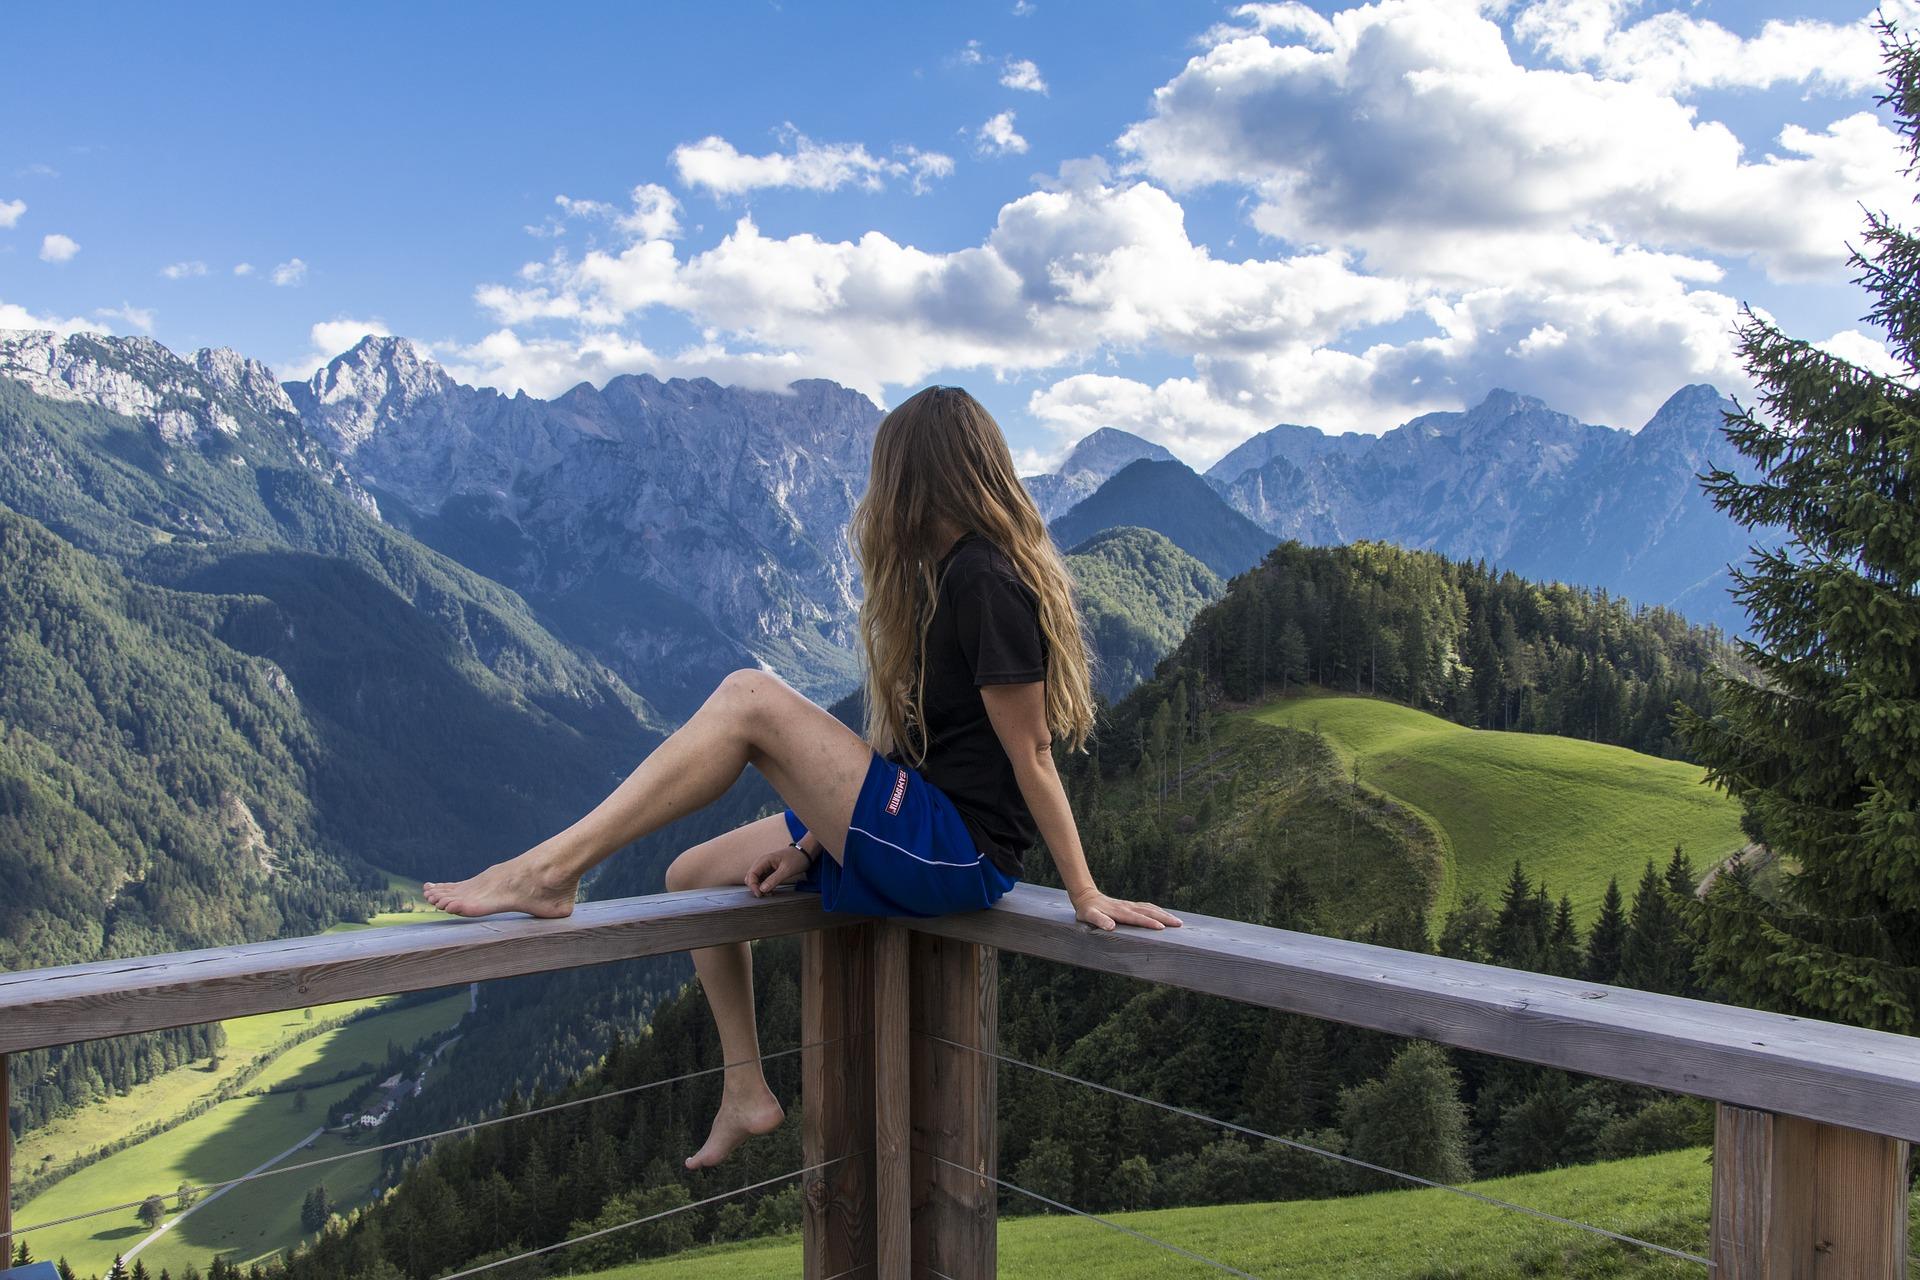 Za 200 evrov na dopust v slovenske gore